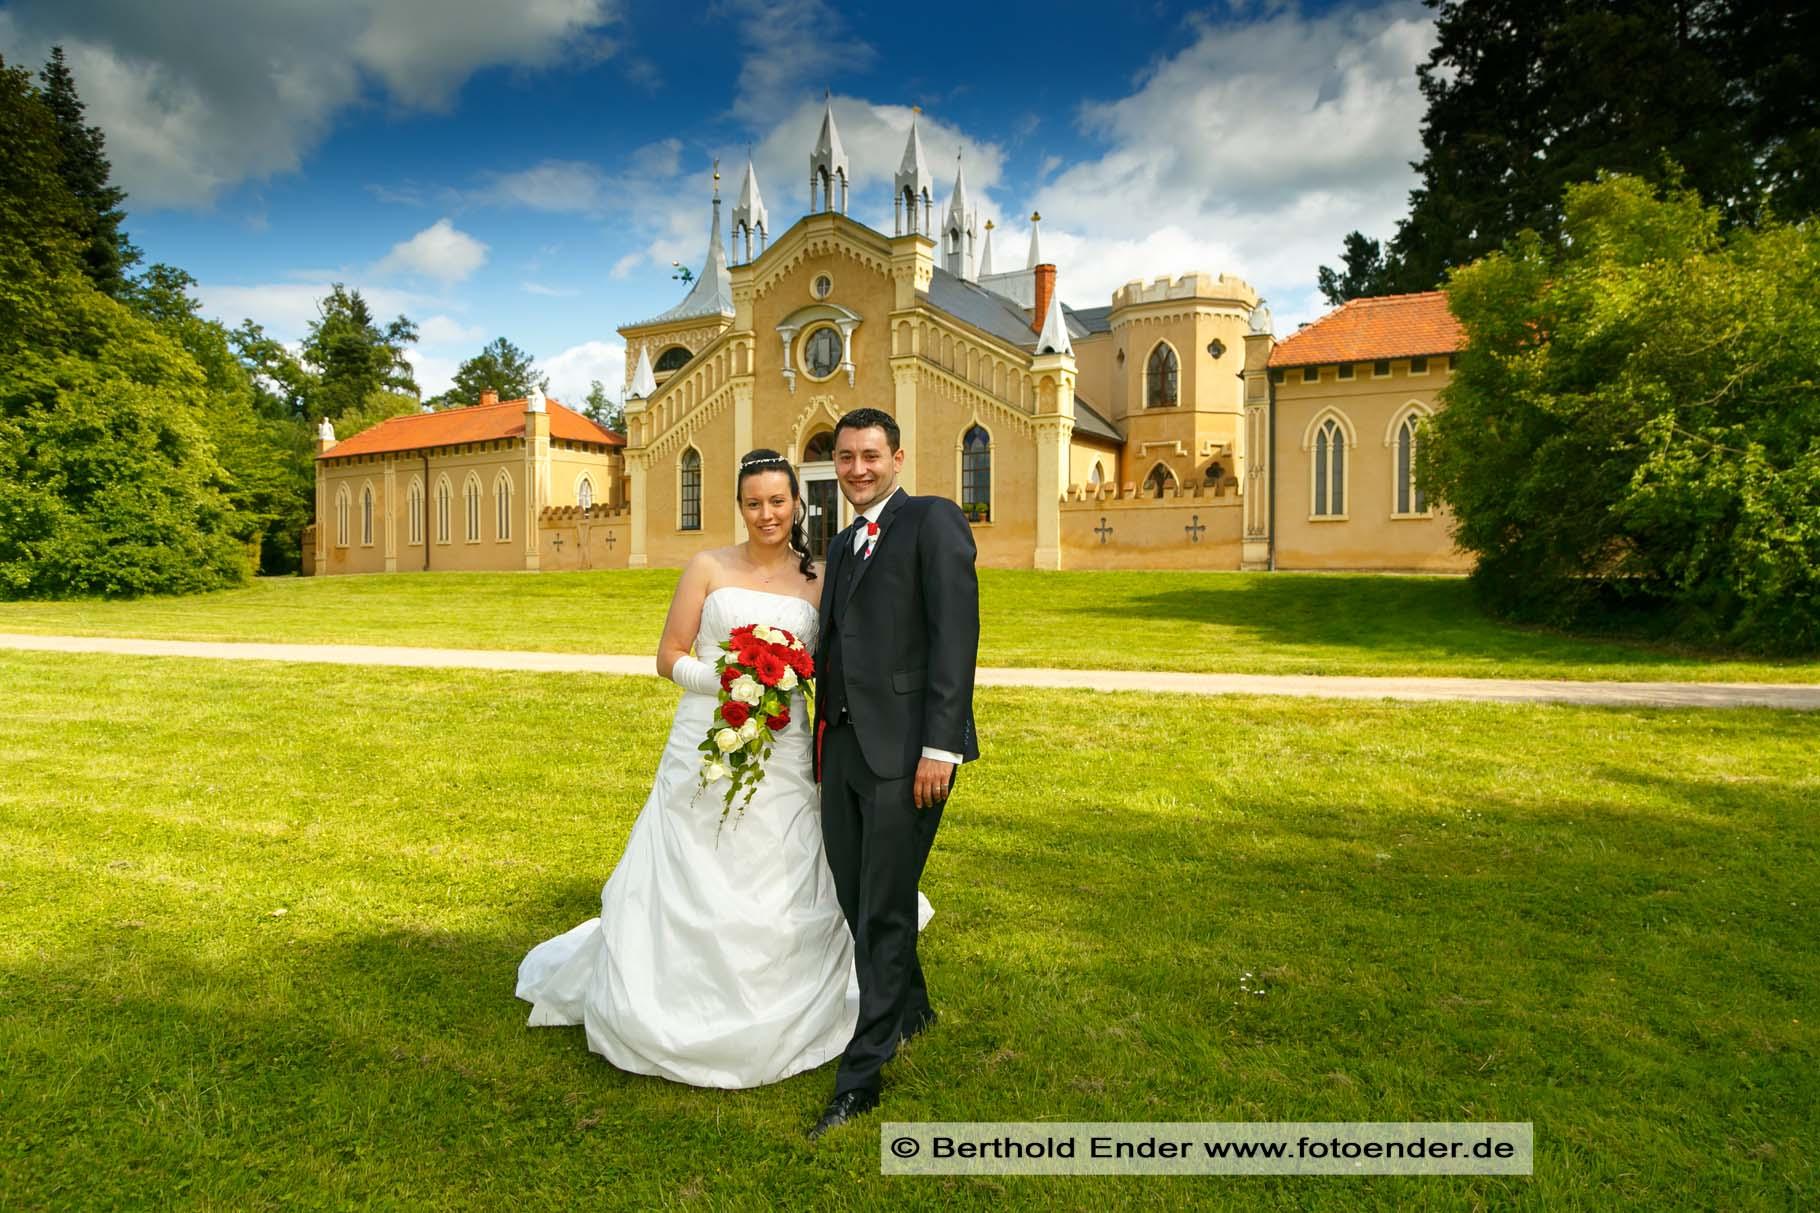 Hochzeitsbilder im Wörlitzer Park am Gotischen Haus, Fotostudio Ender